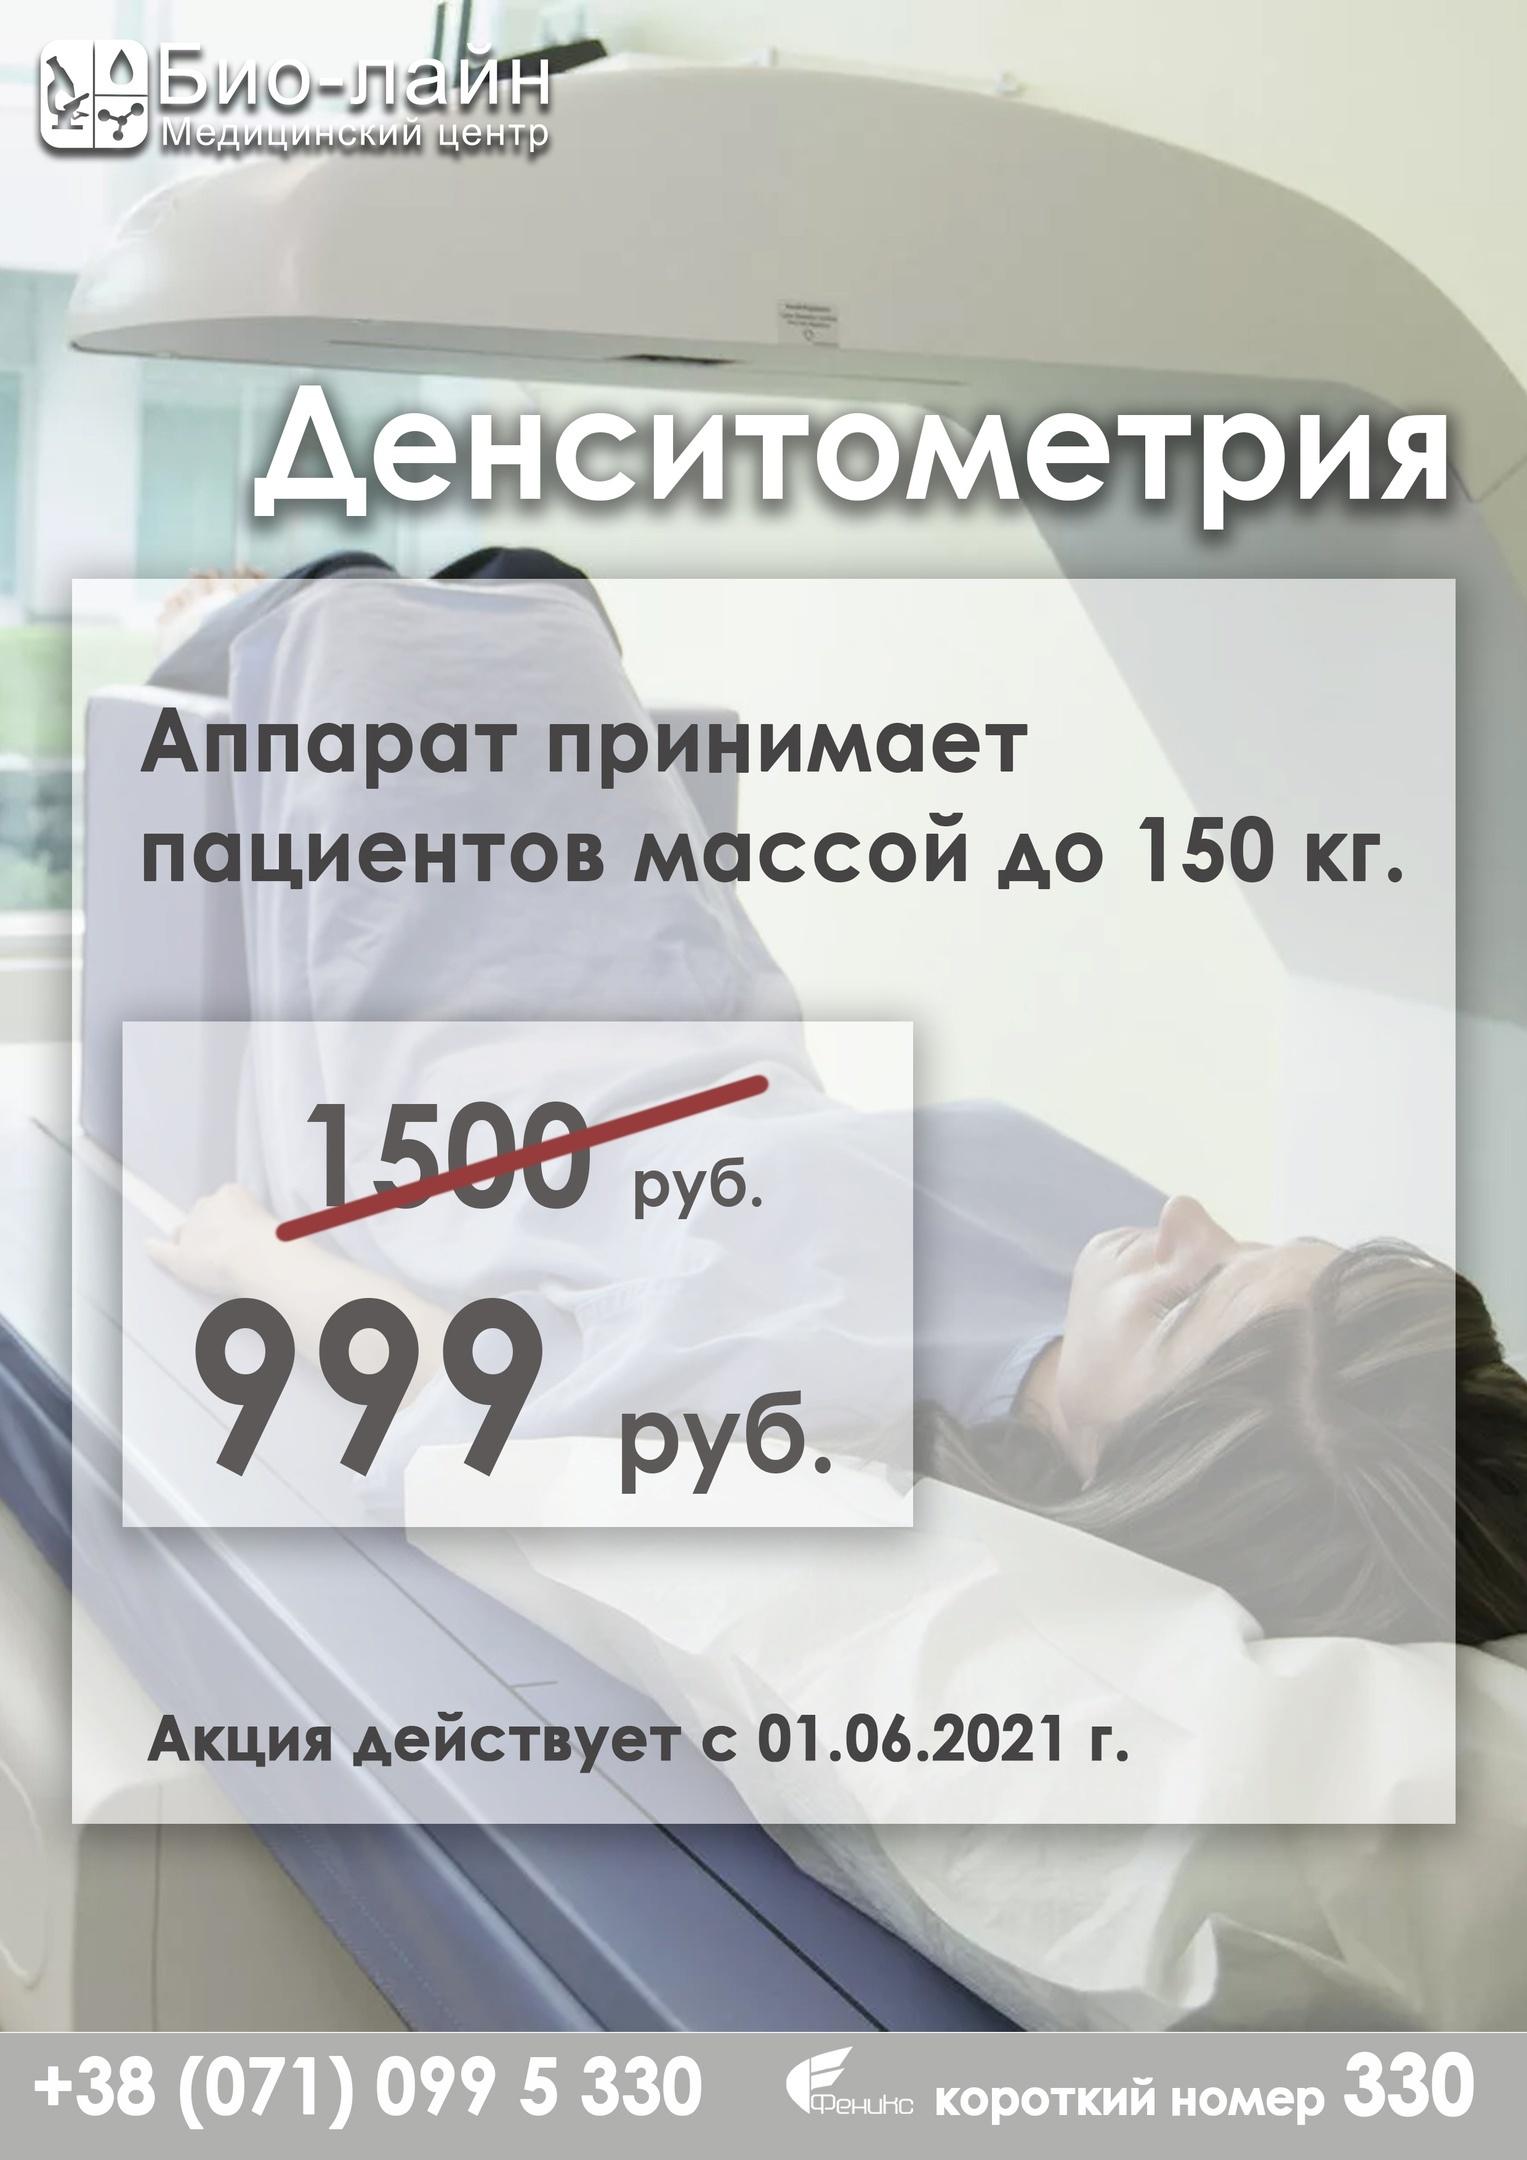 Медицинский центр Био-Лайн 19 gftbq98ez7s